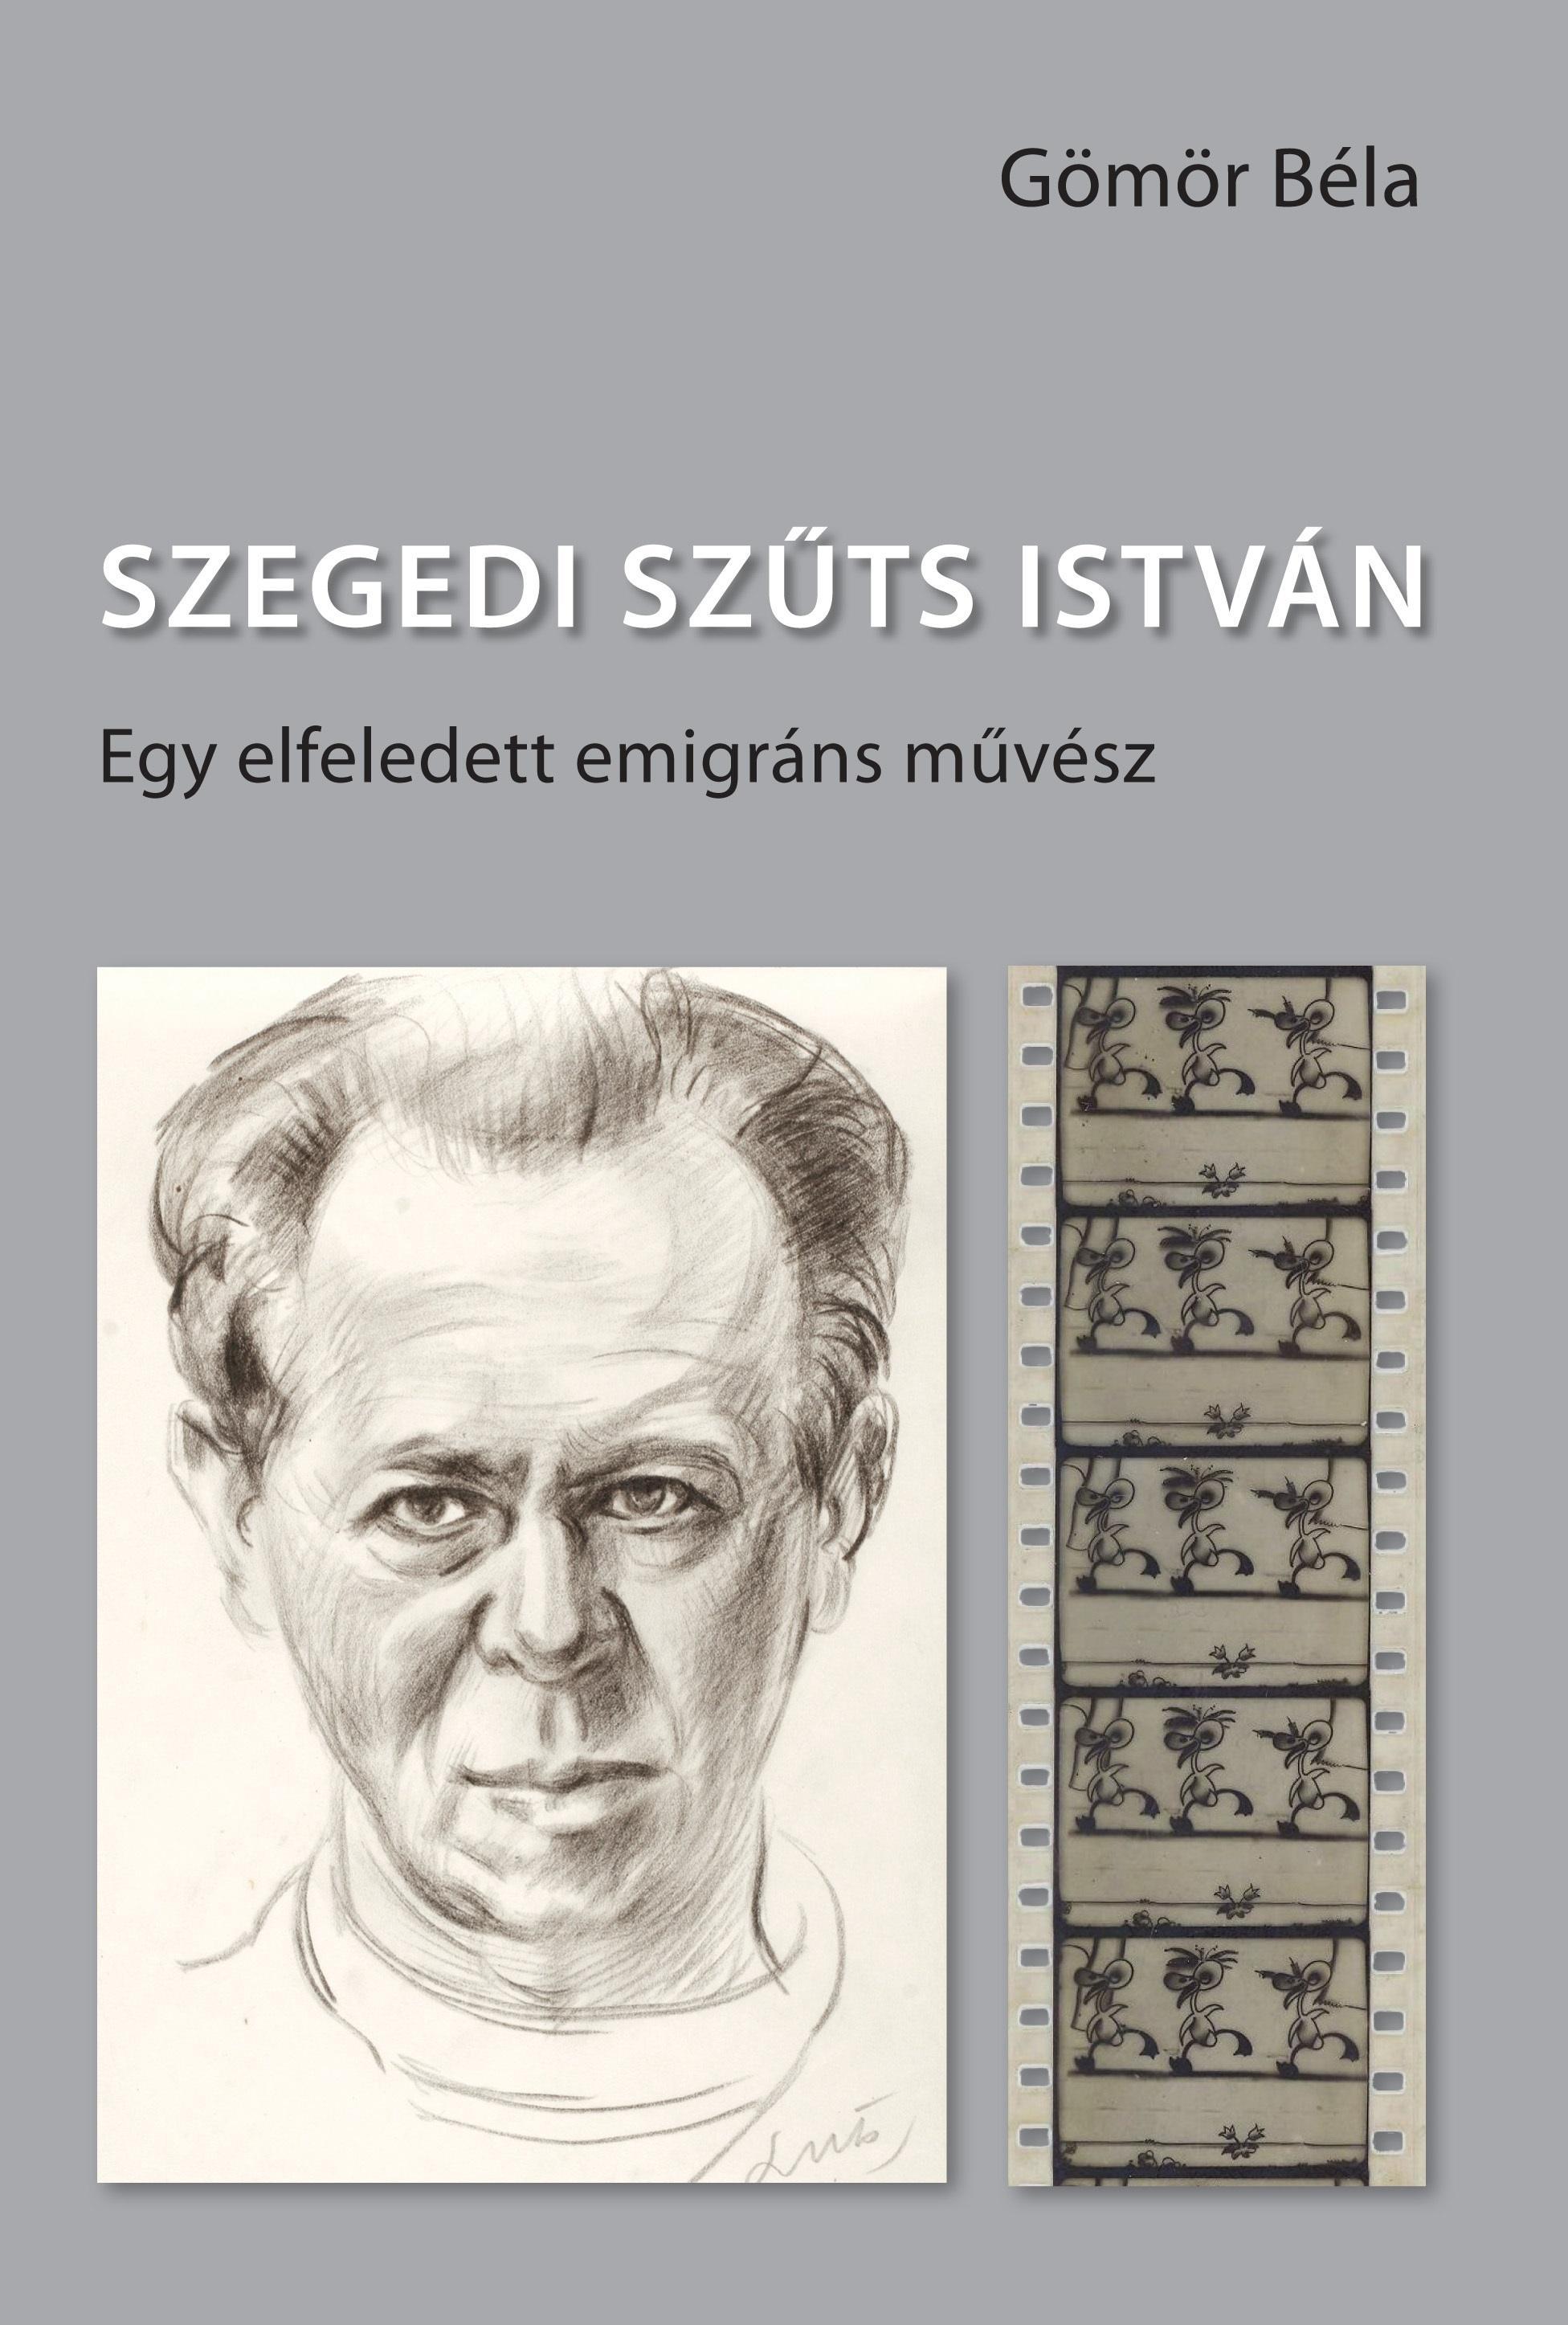 SZEGEDI SZŰTS ISTVÁN - EGY ELFELEDETT EMIGRÁNS MŰVÉSZ